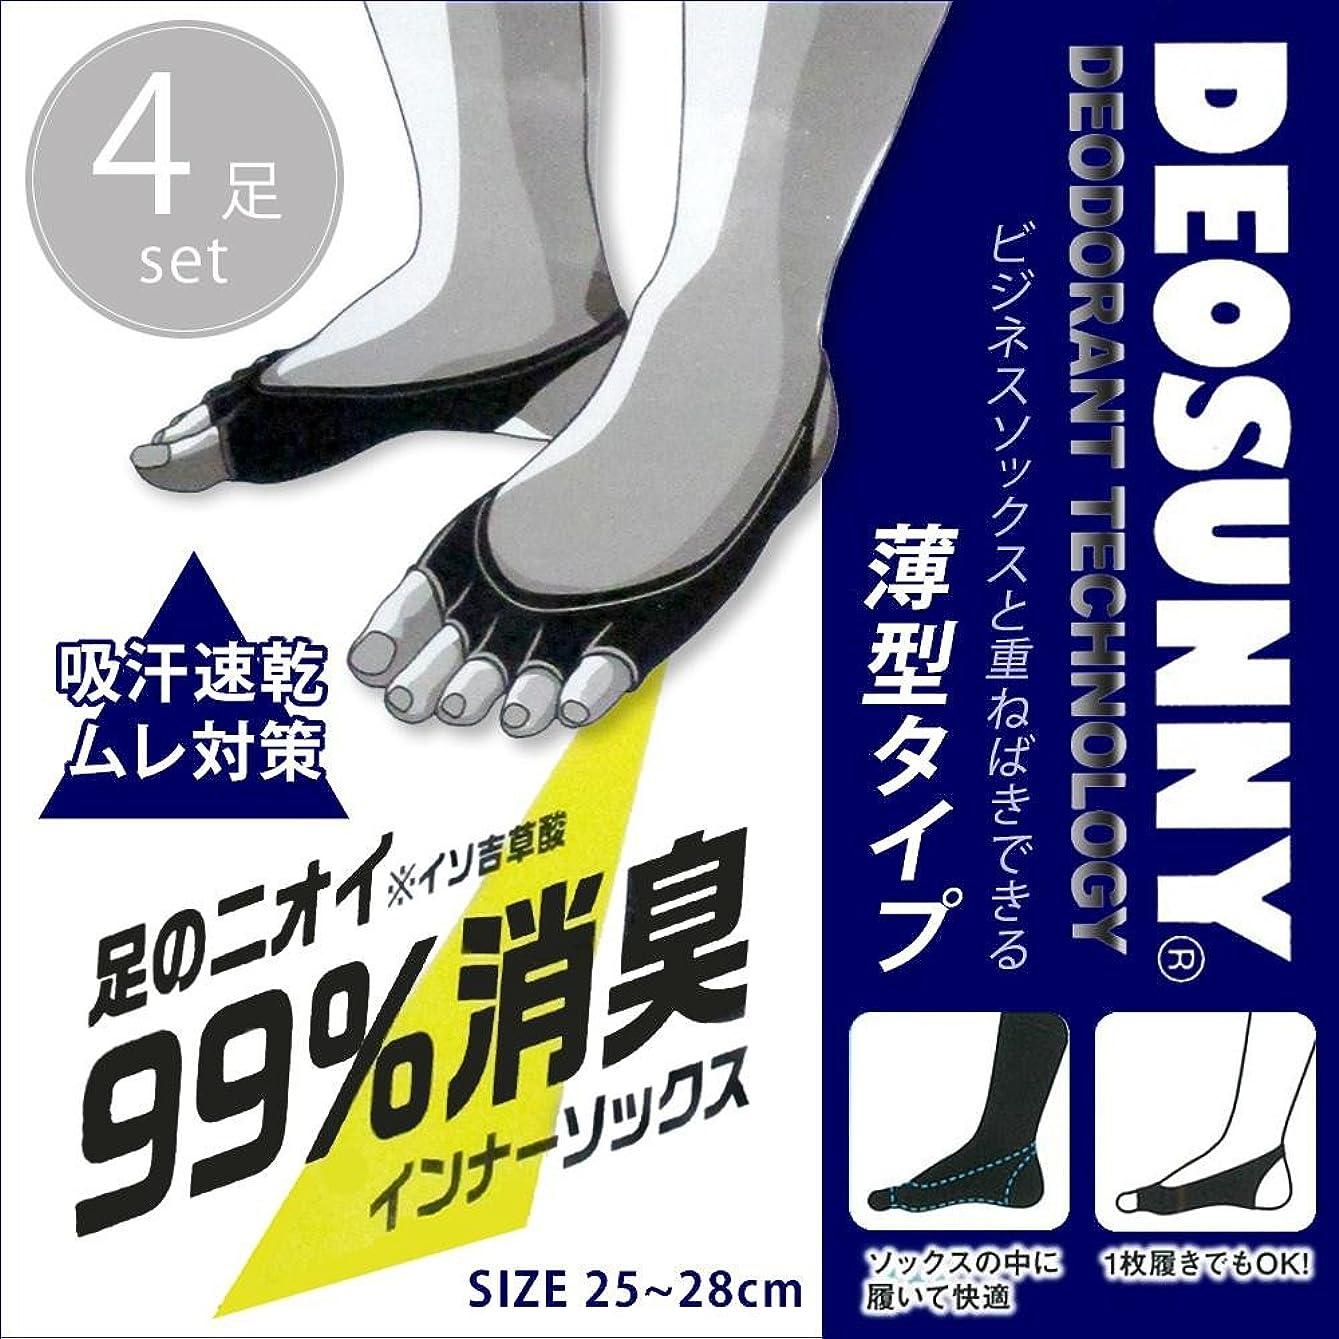 構成フェッチフローDEOSUNNY デオサニー 高機能消臭 抗菌防臭×吸汗速乾 インナーソックス メンズ ブラック ×4足セット